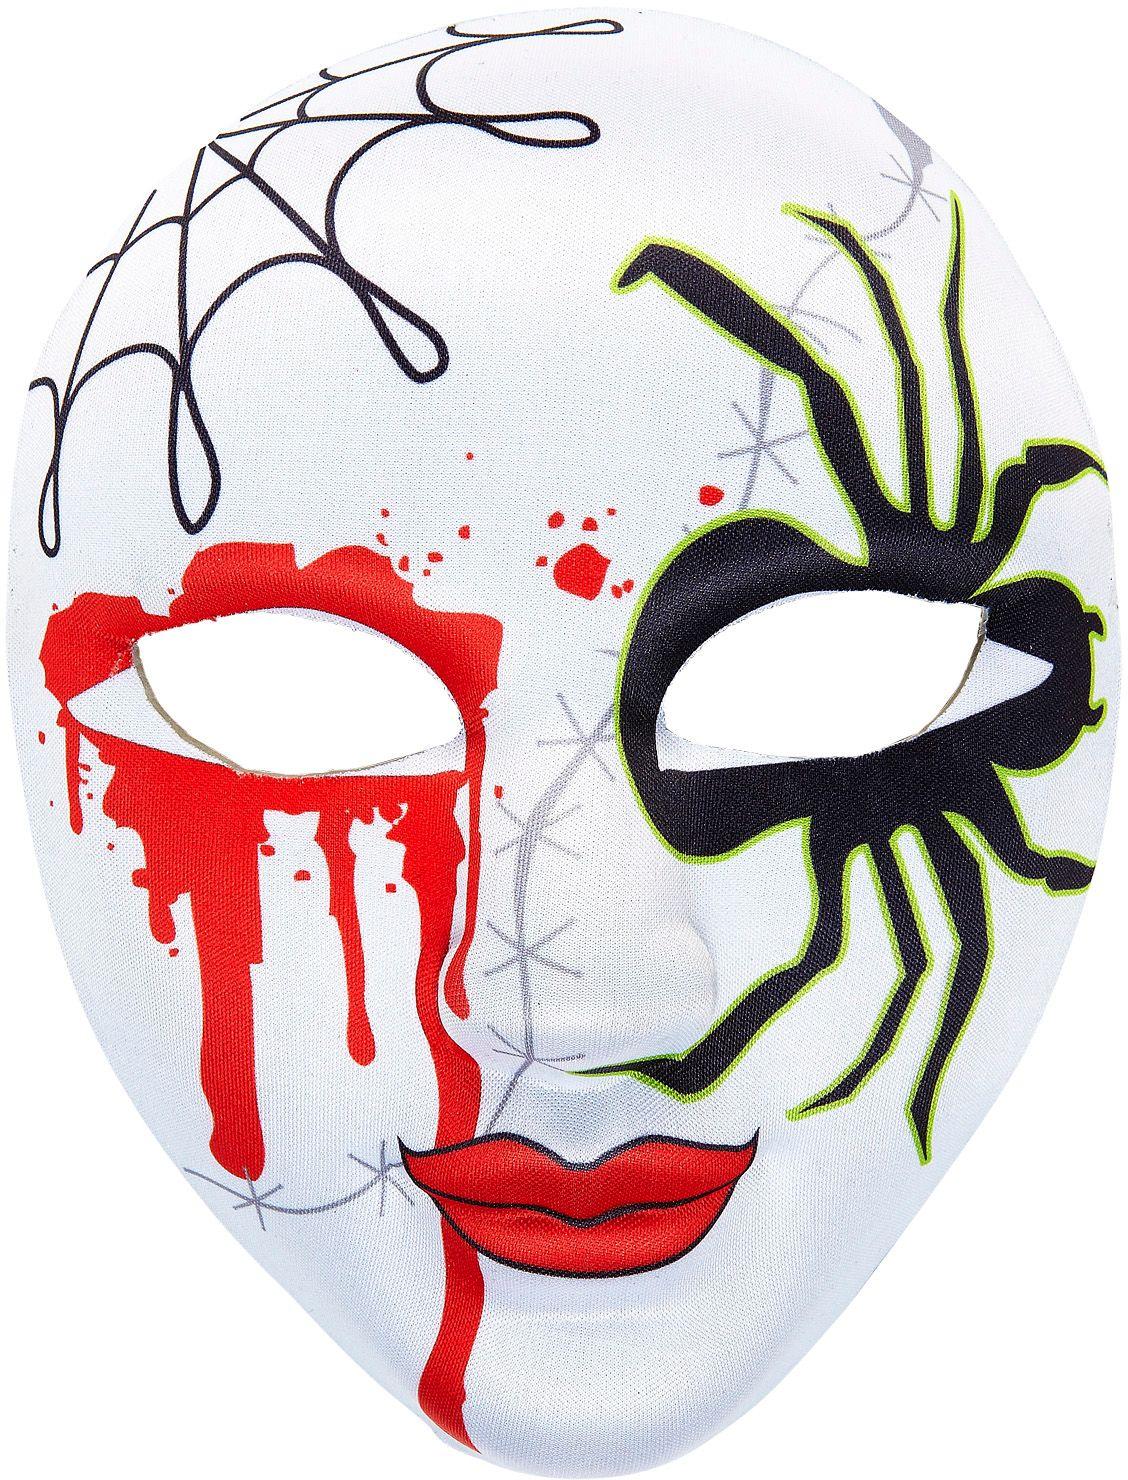 Bloederig gezichtsmasker spin